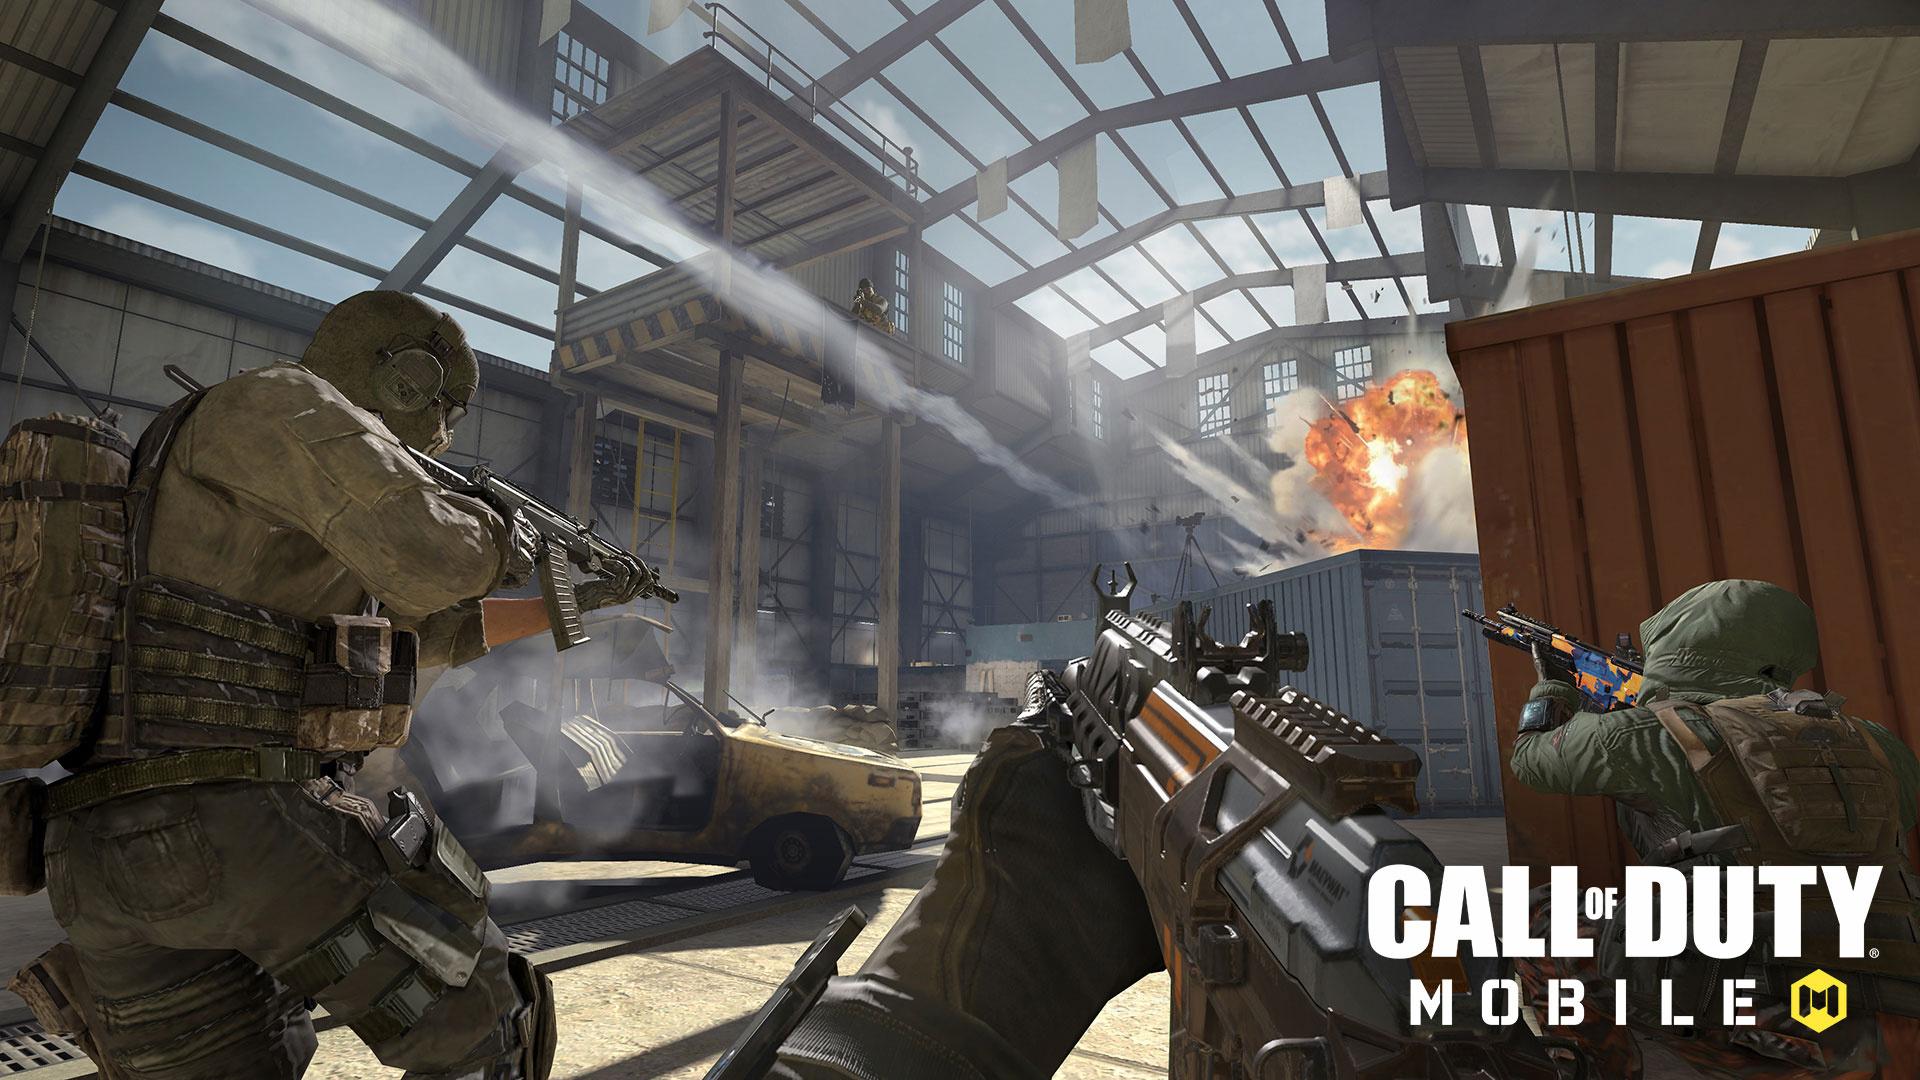 В вакансиях Activision нашли упоминание о разработке мобильной ААА-игры в серии Call of Duty